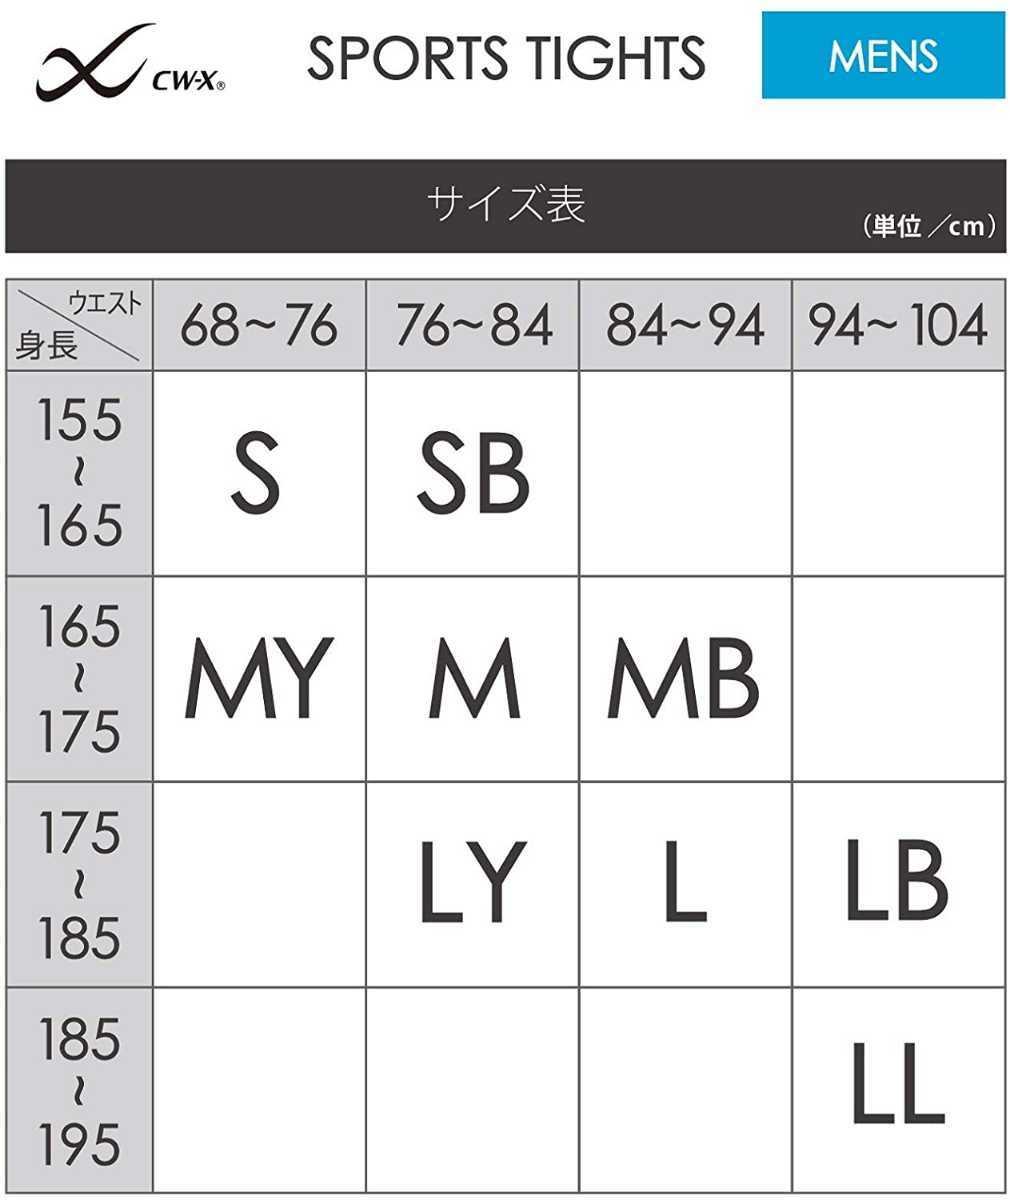 新品 CW-X/ワコール 定価1.5万円 スタビライクスモデル(クールタイプ) HZO749 MBサイズ_画像7